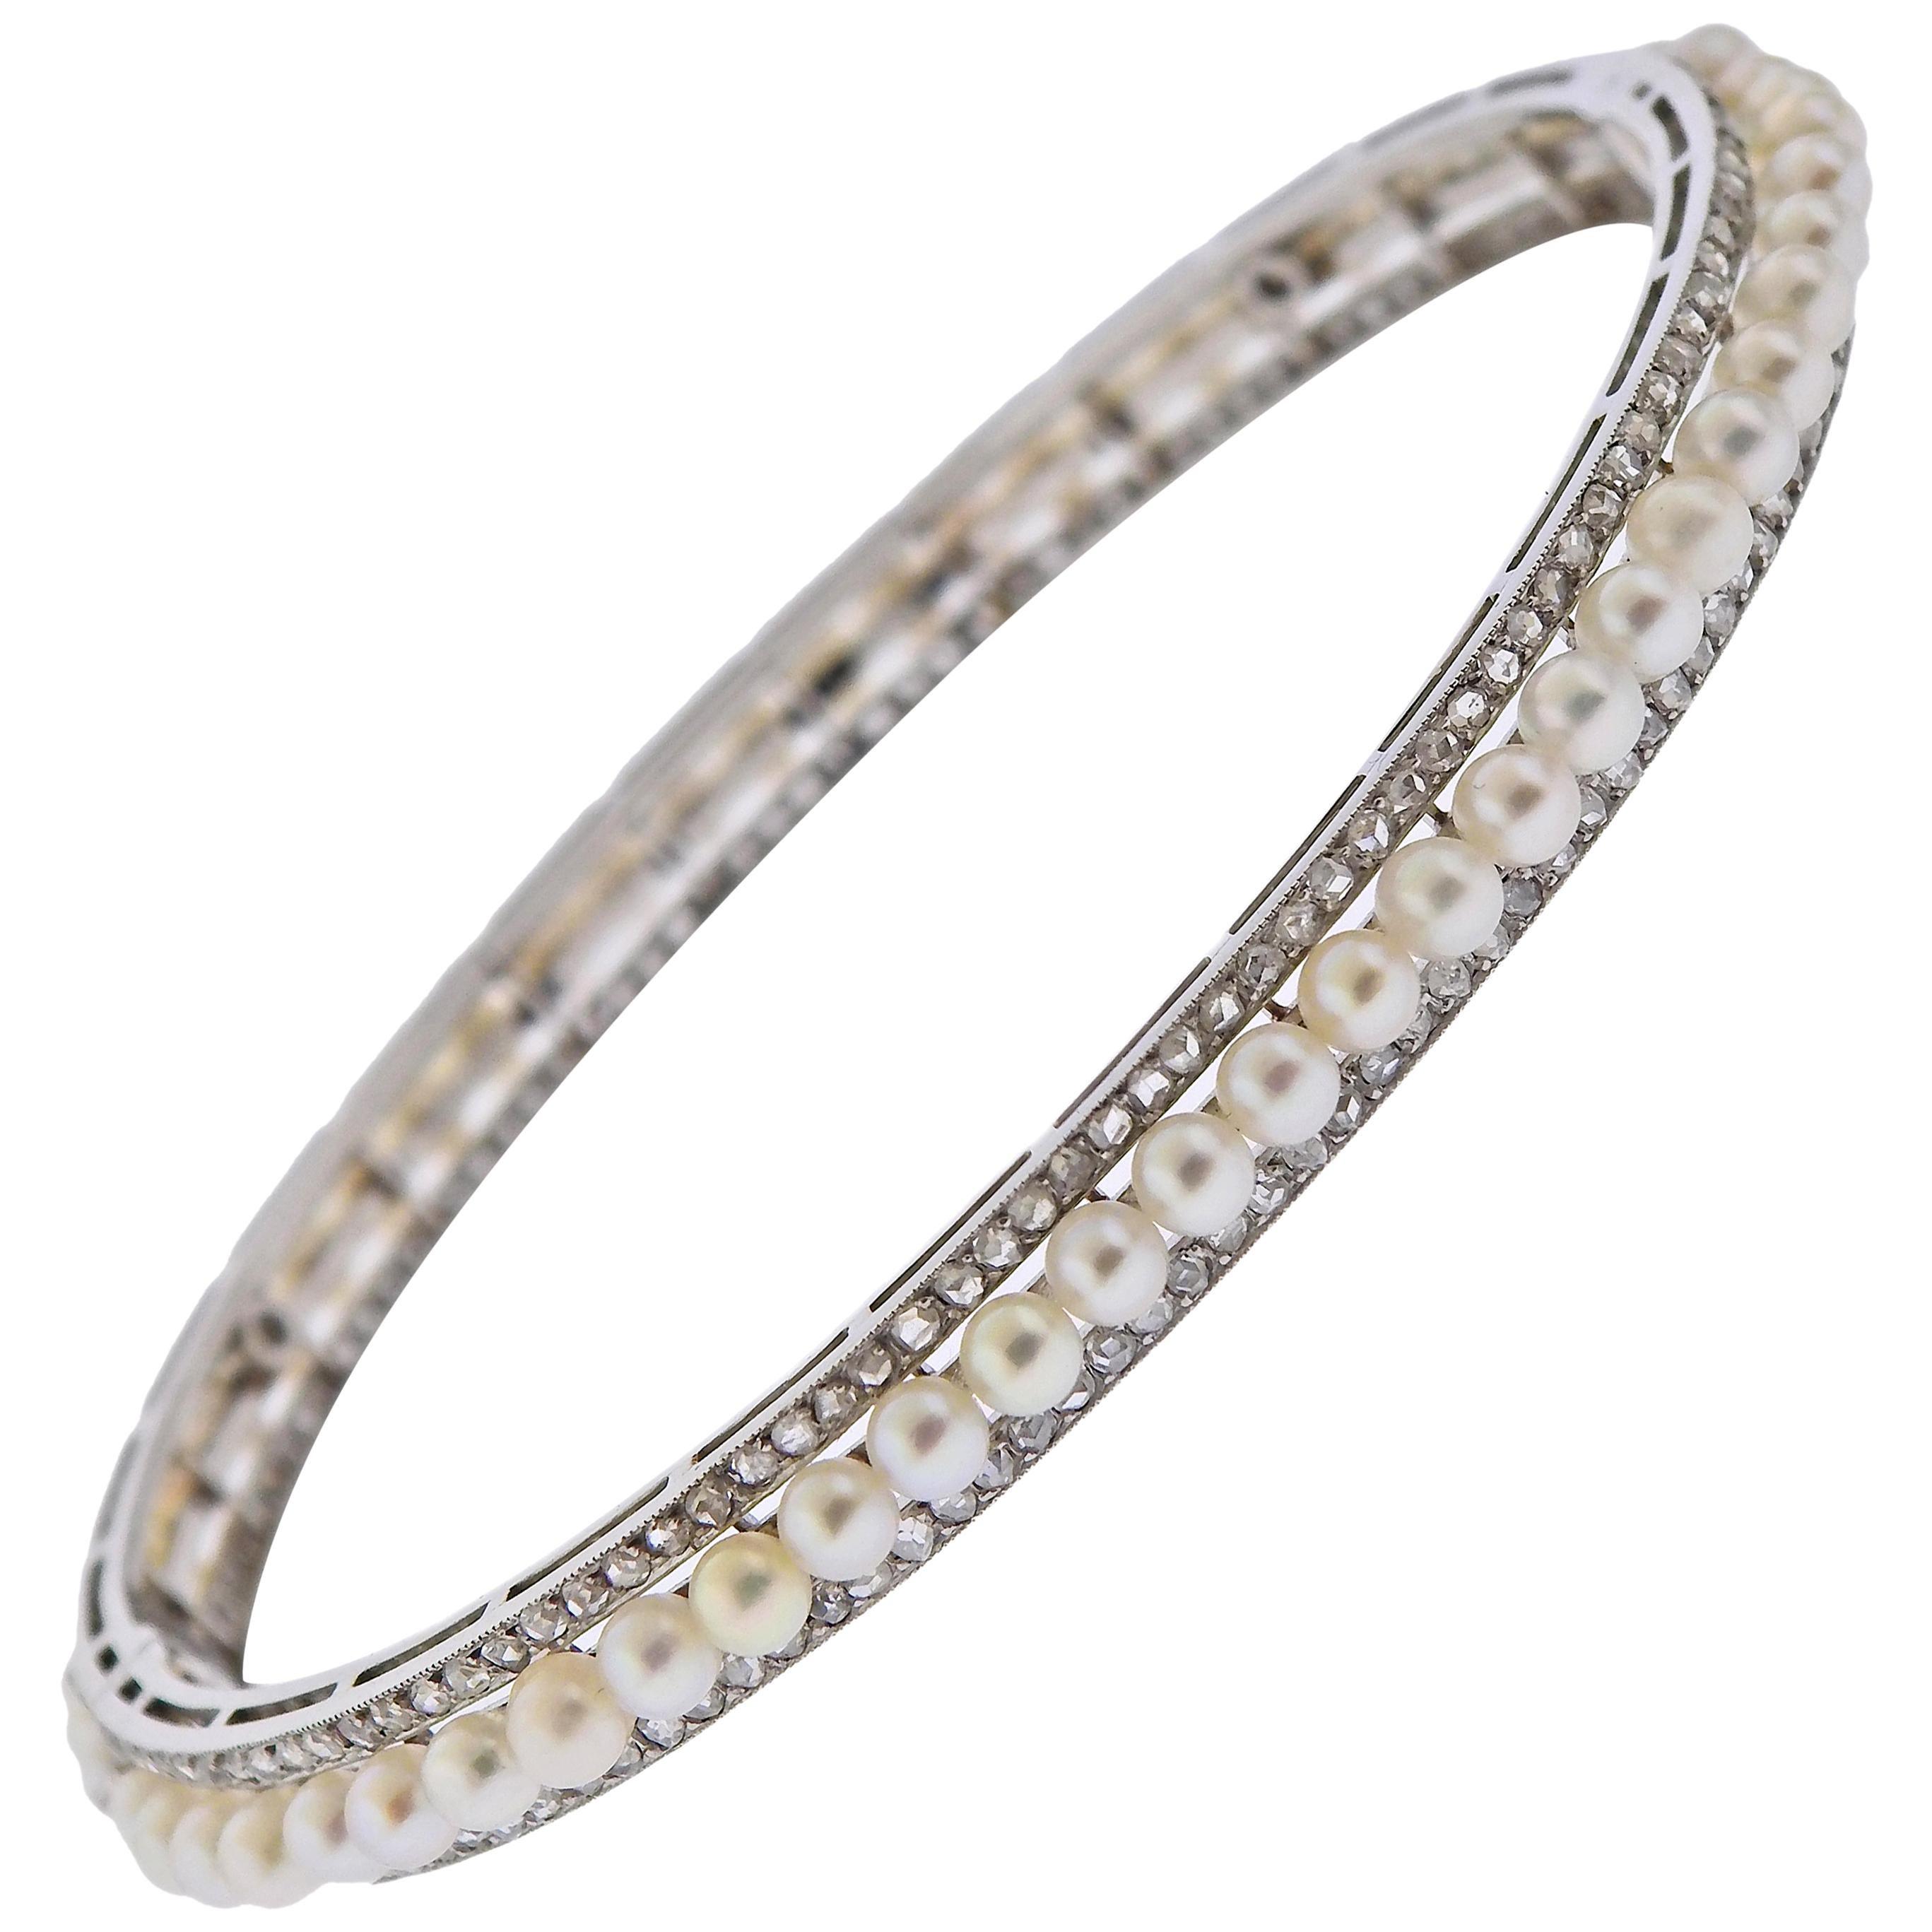 Georges Fouquet Paris Diamond Pearl Platinum Bangle Bracelet